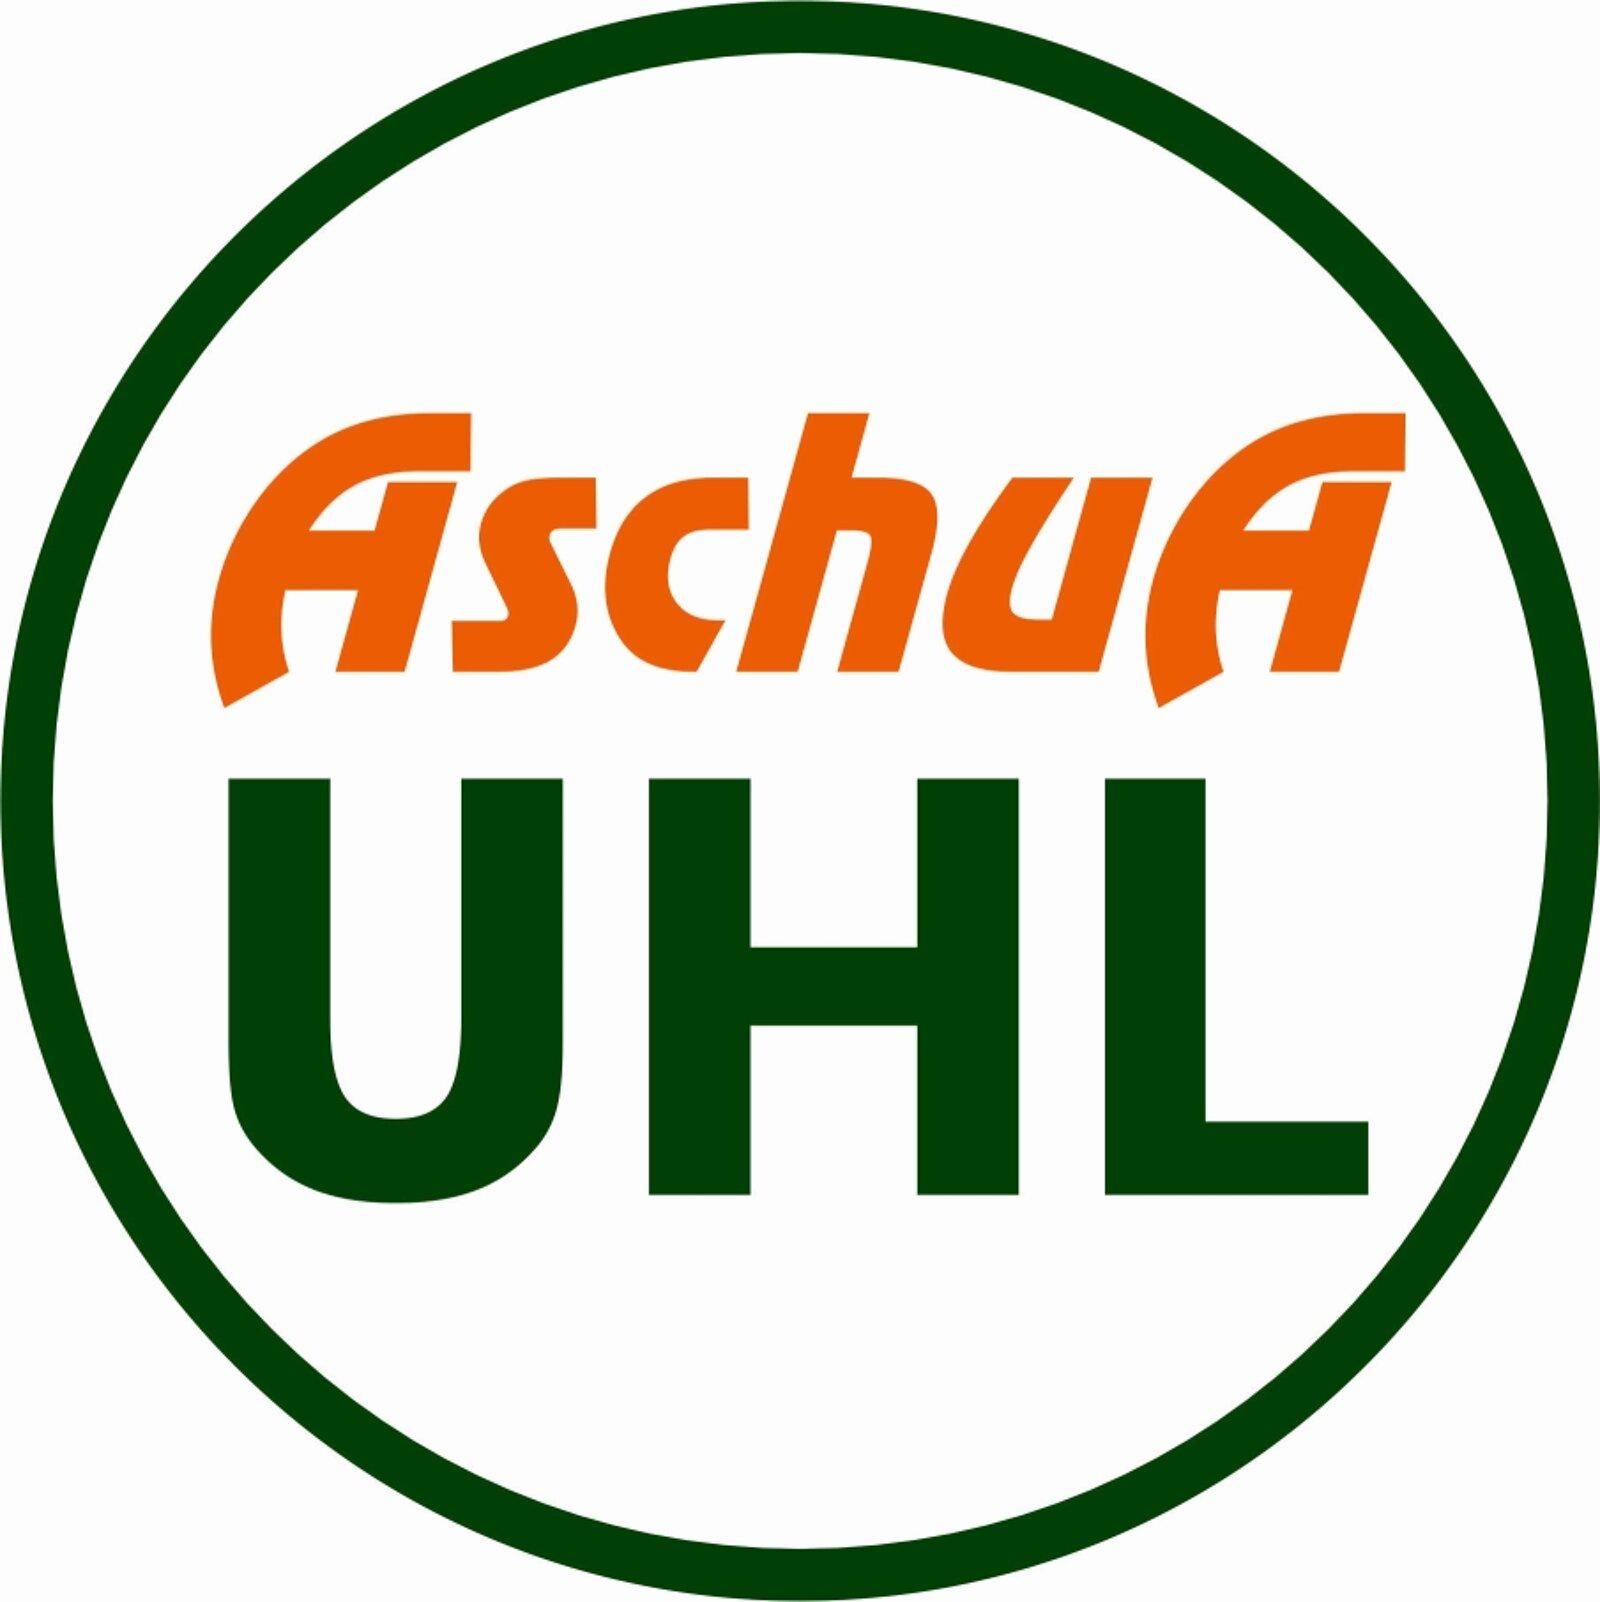 Aschua